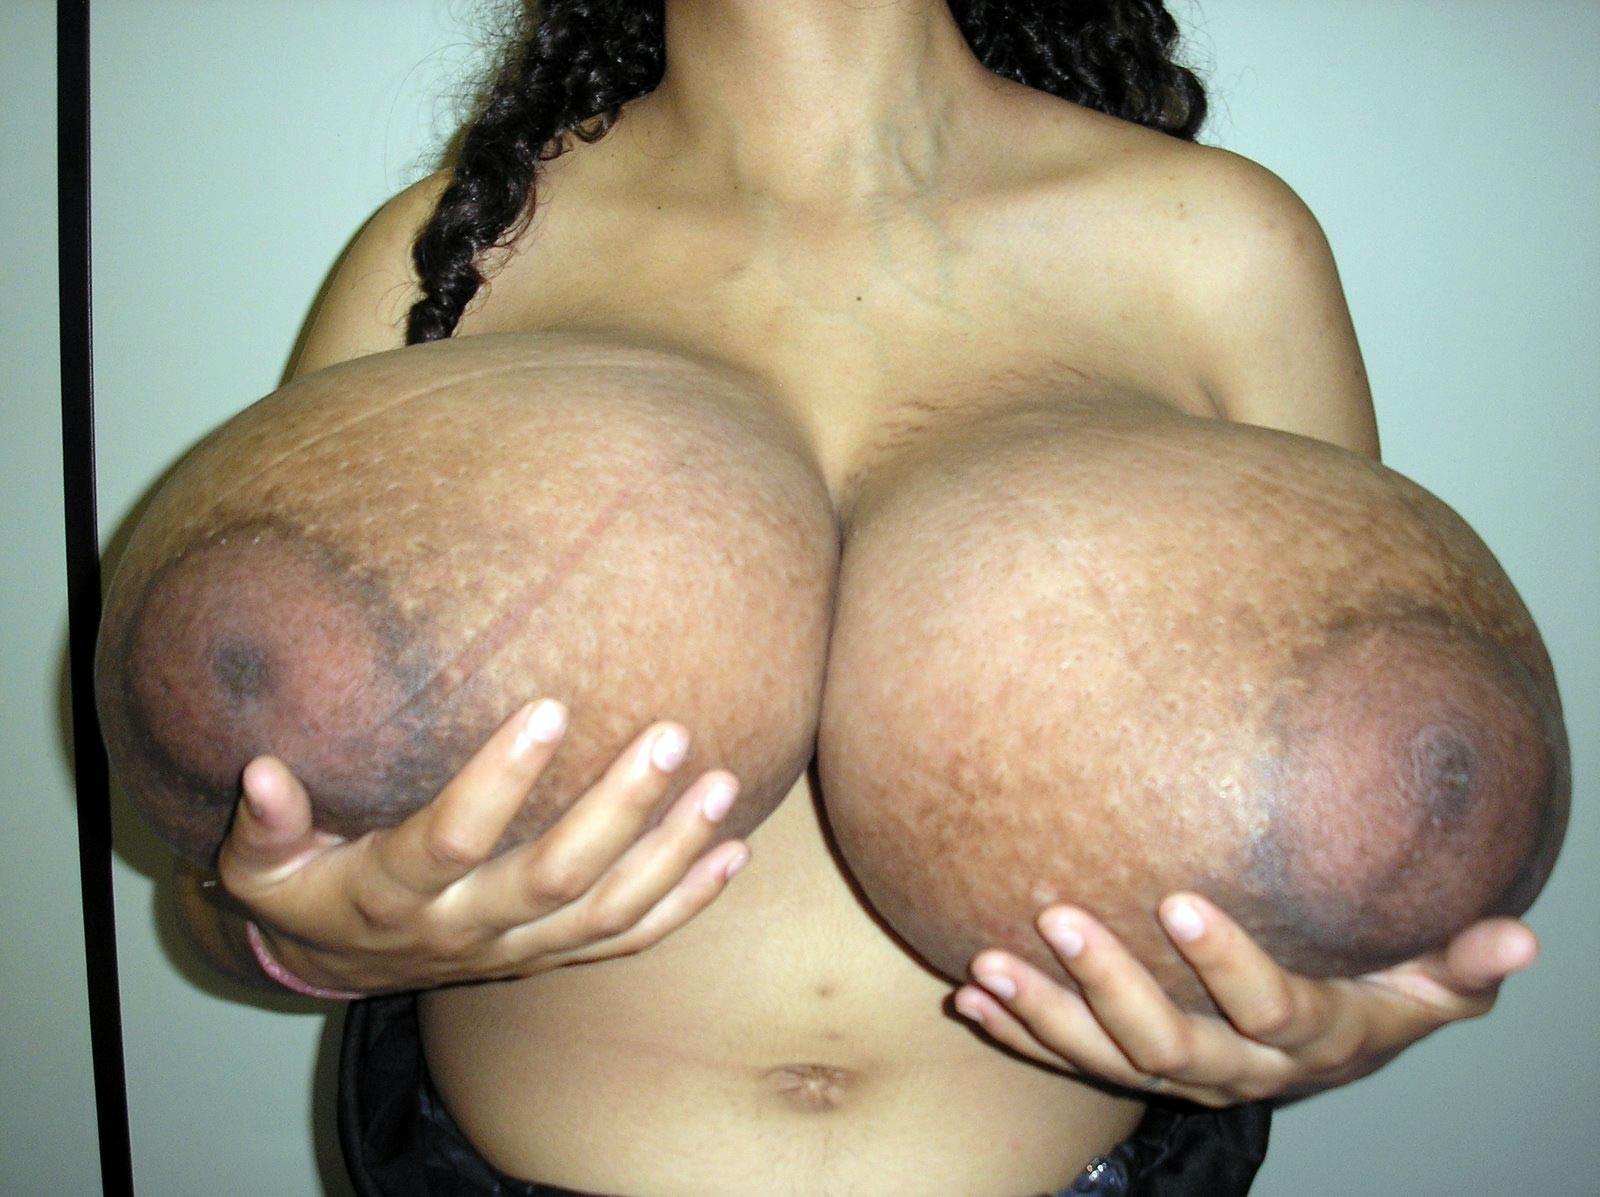 Смотреть фото голых женщин весом 60 80 килограмм 13 фотография